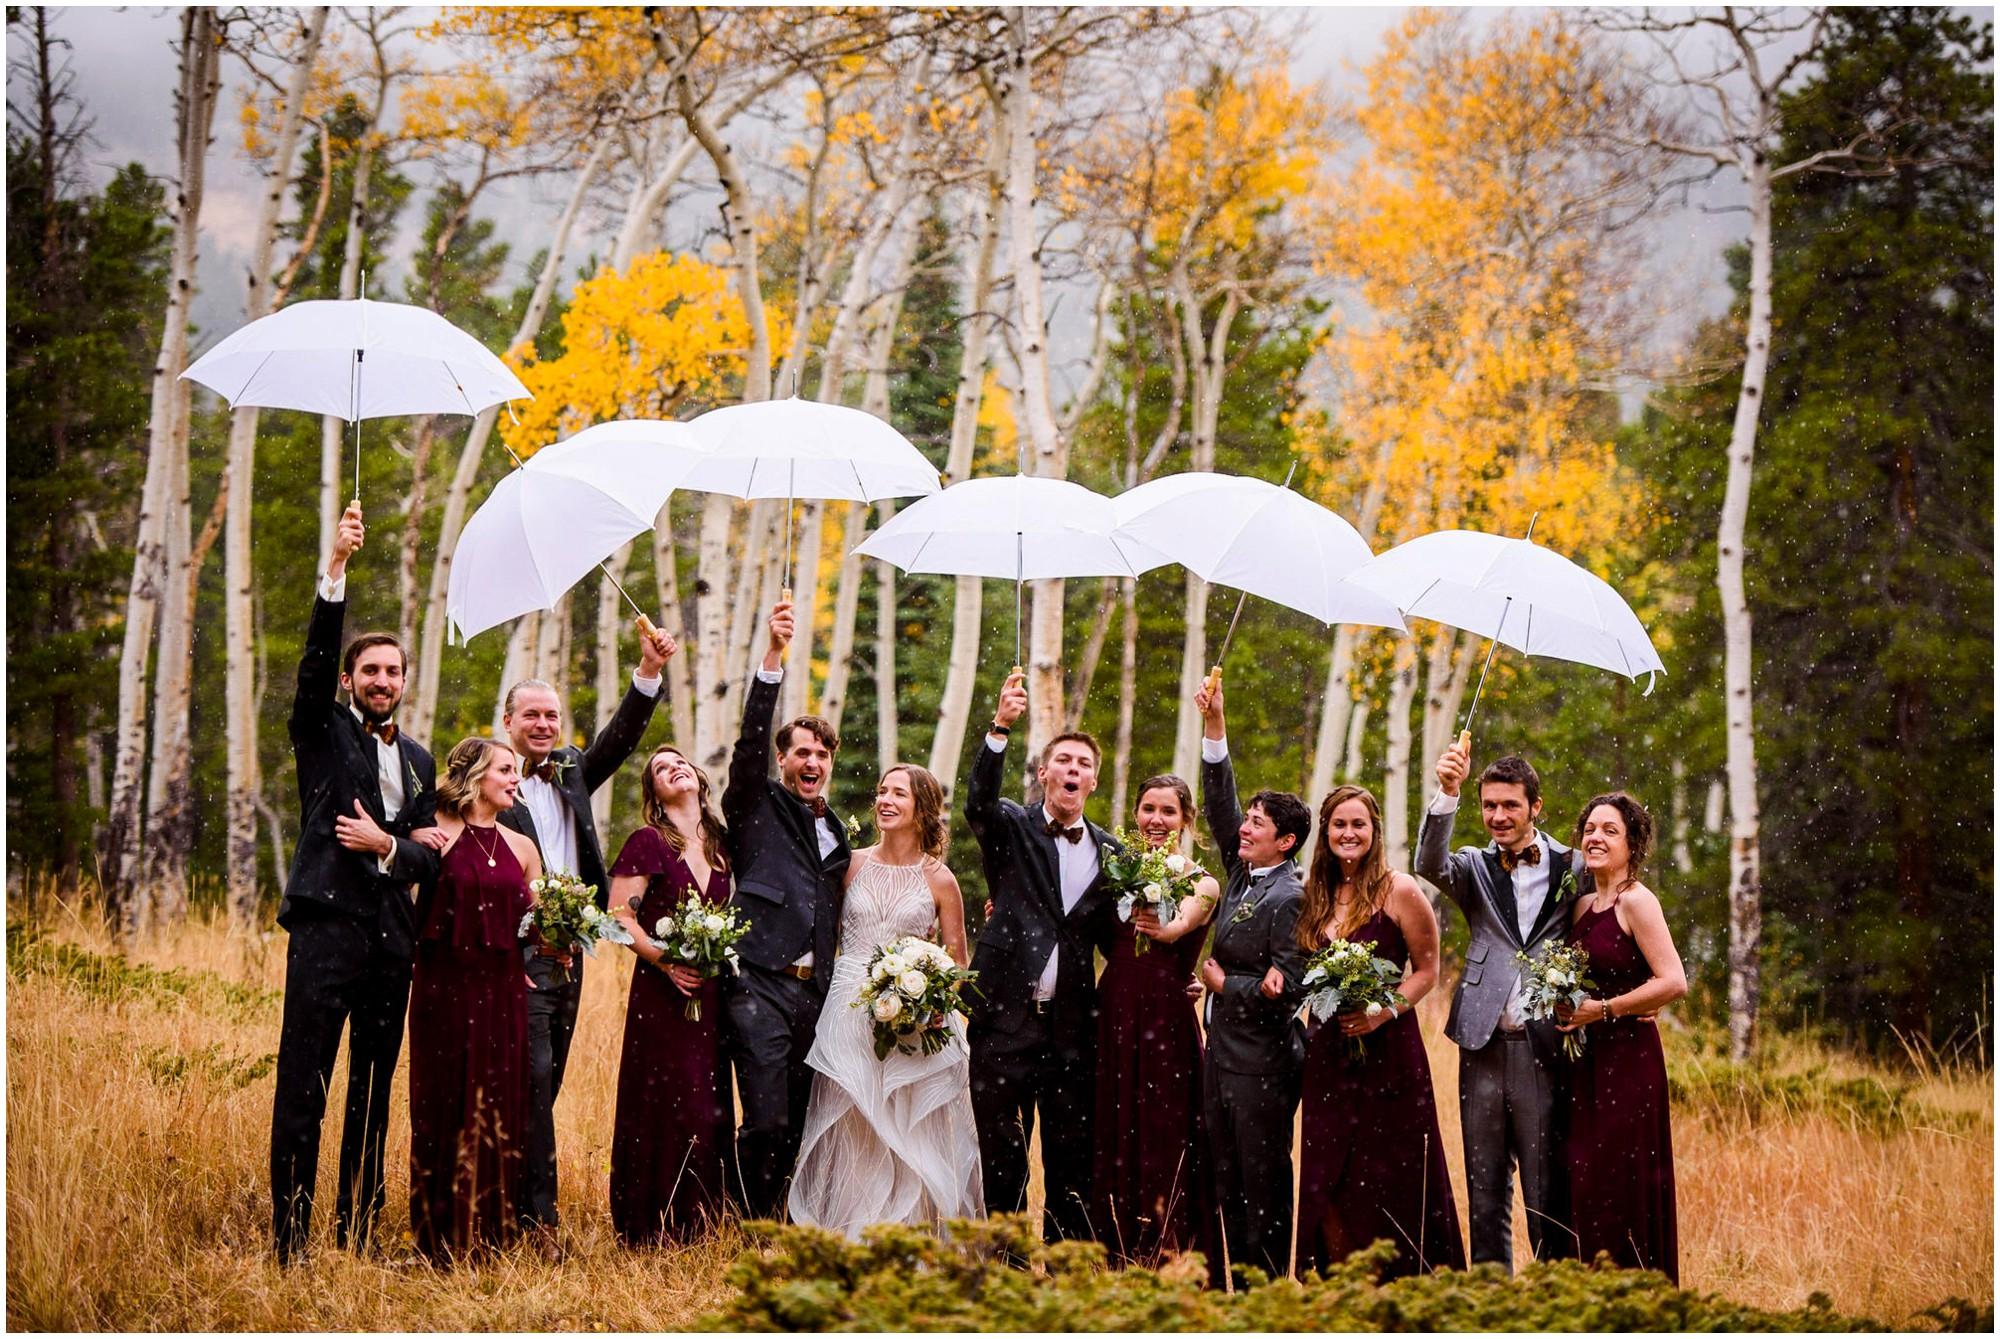 709-Estes-Park-Colorado-Fall-Wedding-Photography.jpg